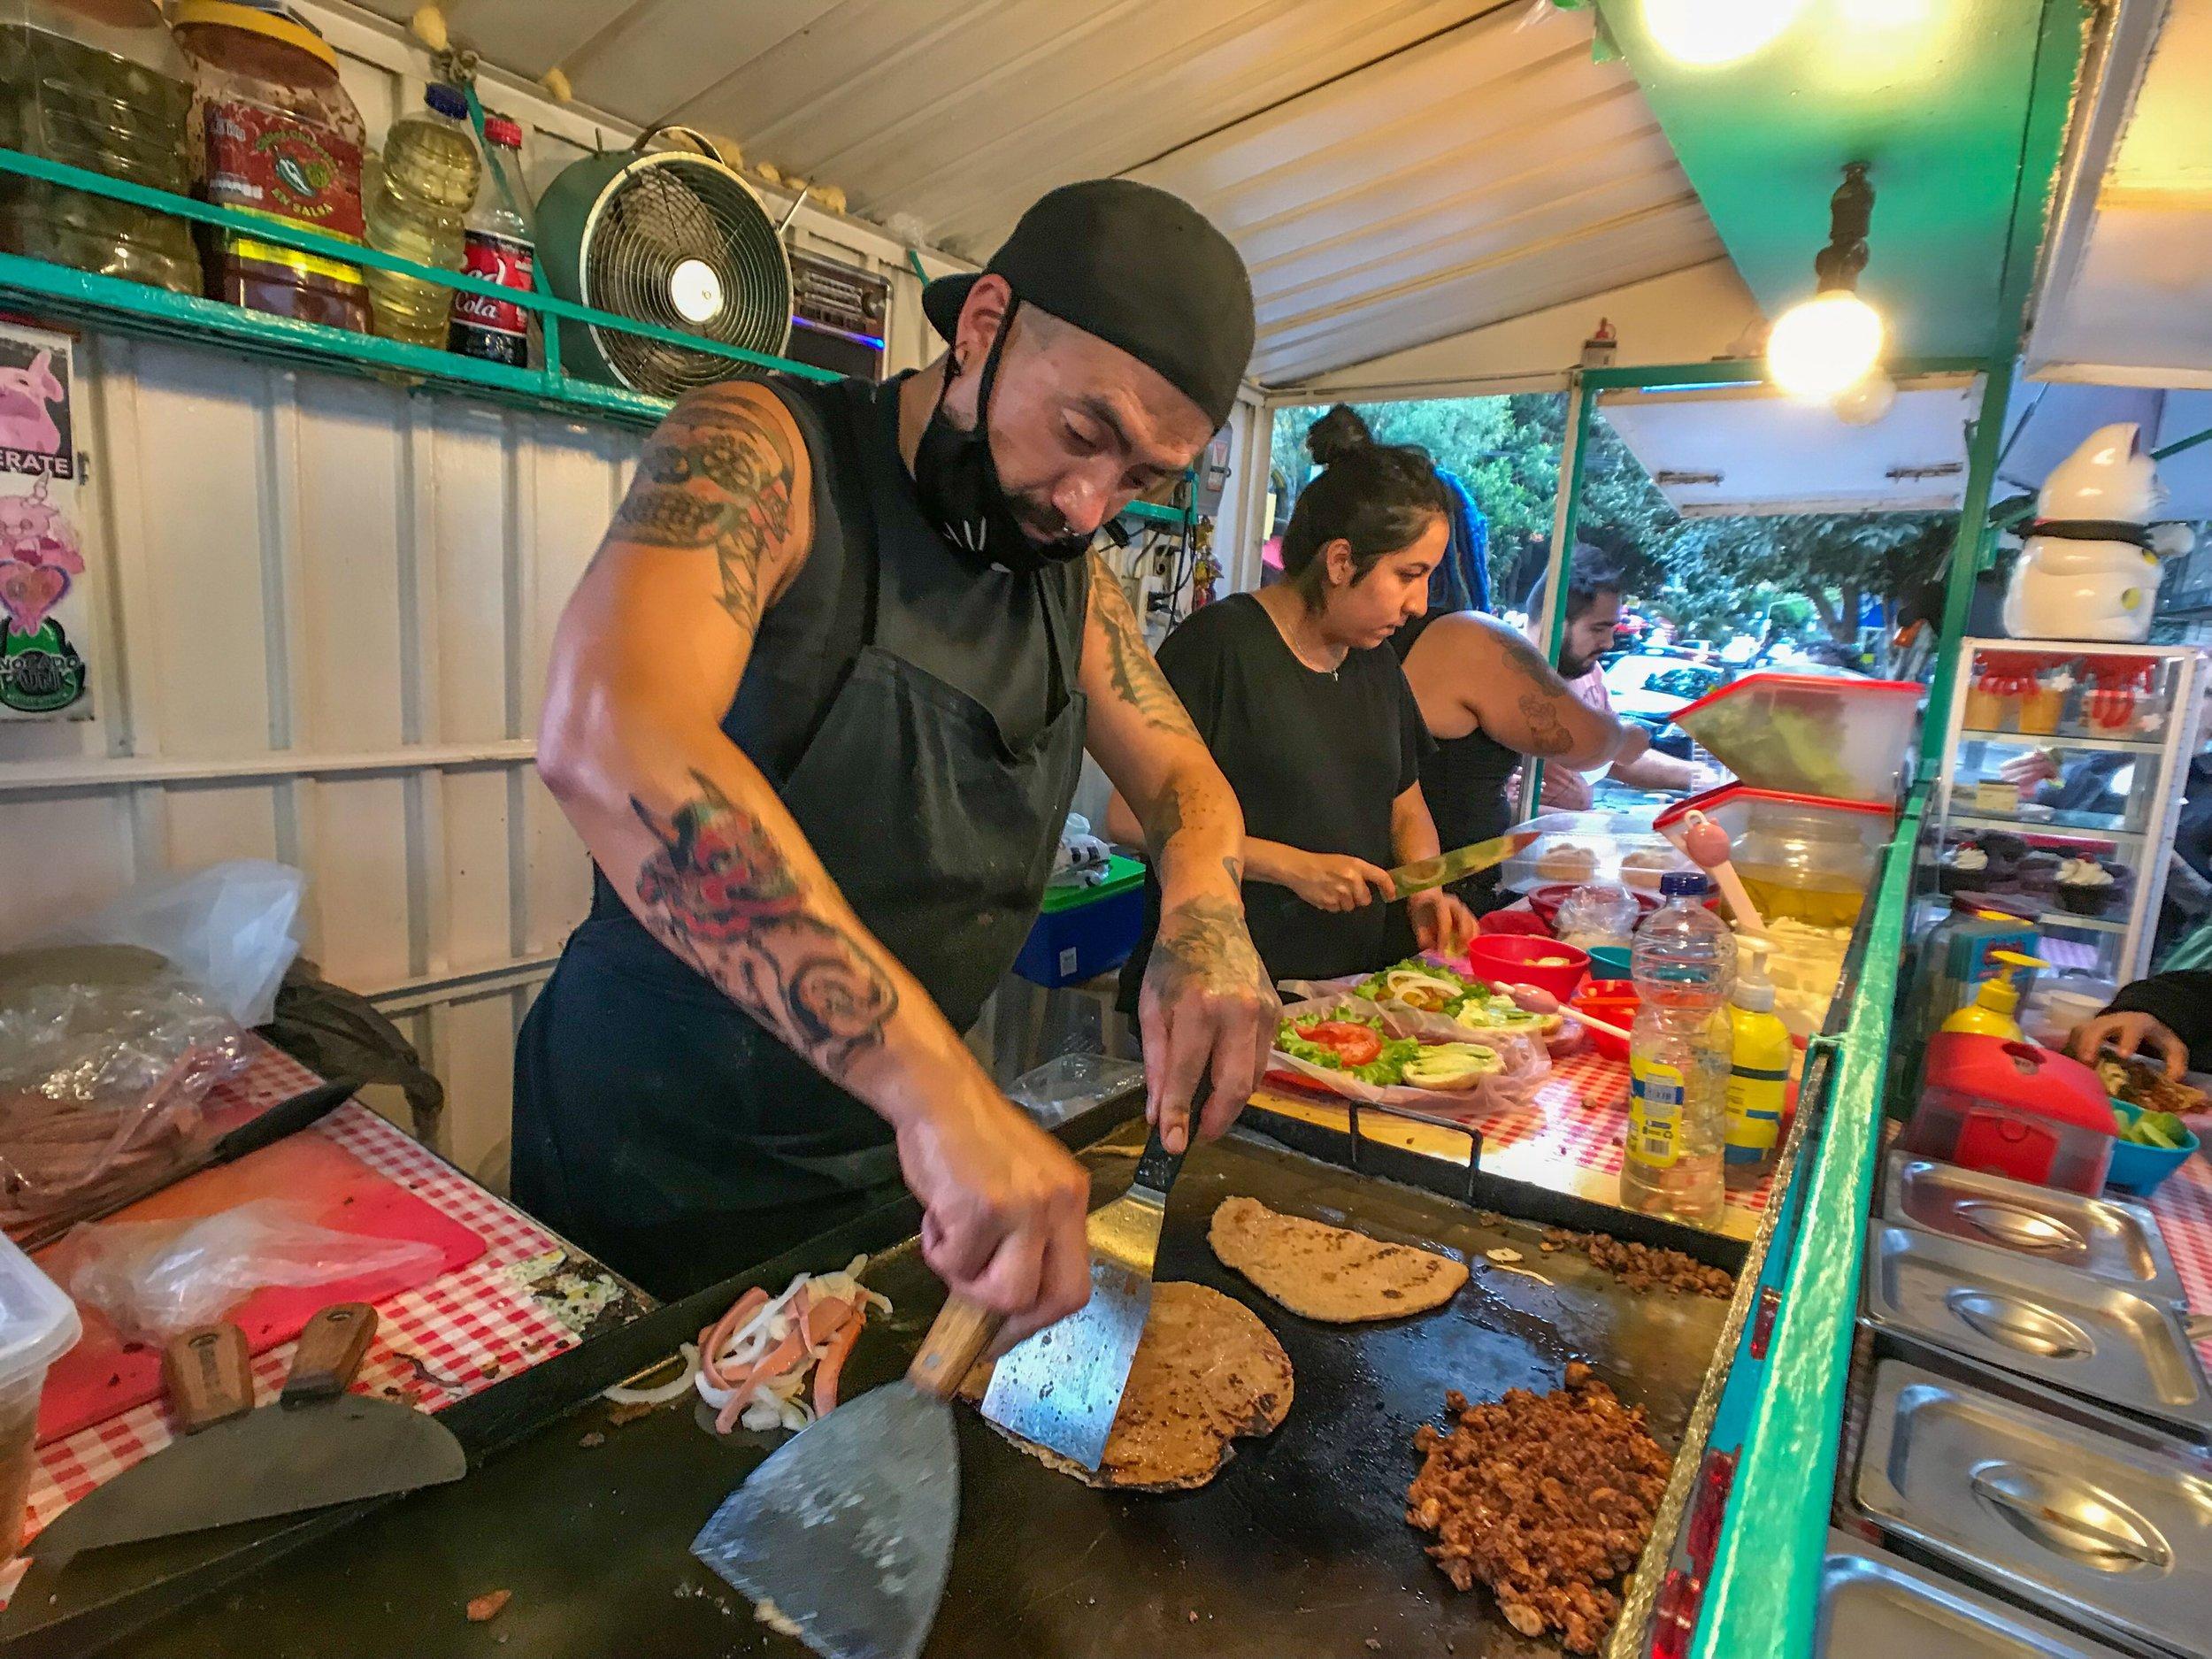 Eat street food that WON'T make you sick